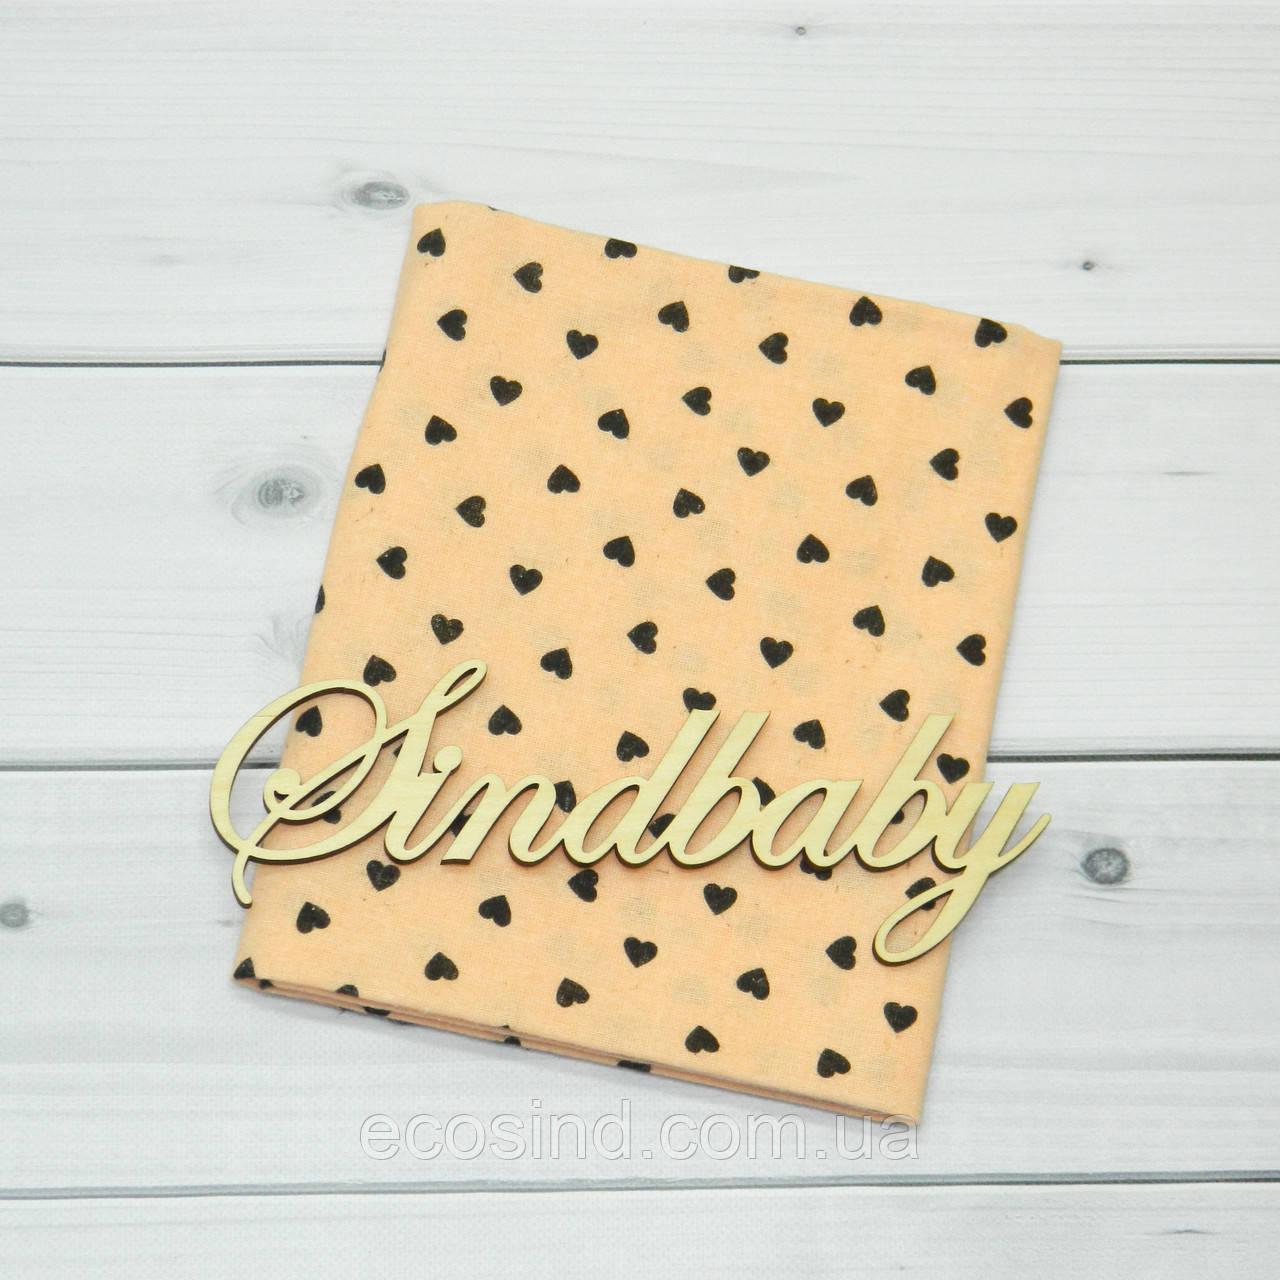 Пеленка байковая (фланелевая) для новорожденных - 06